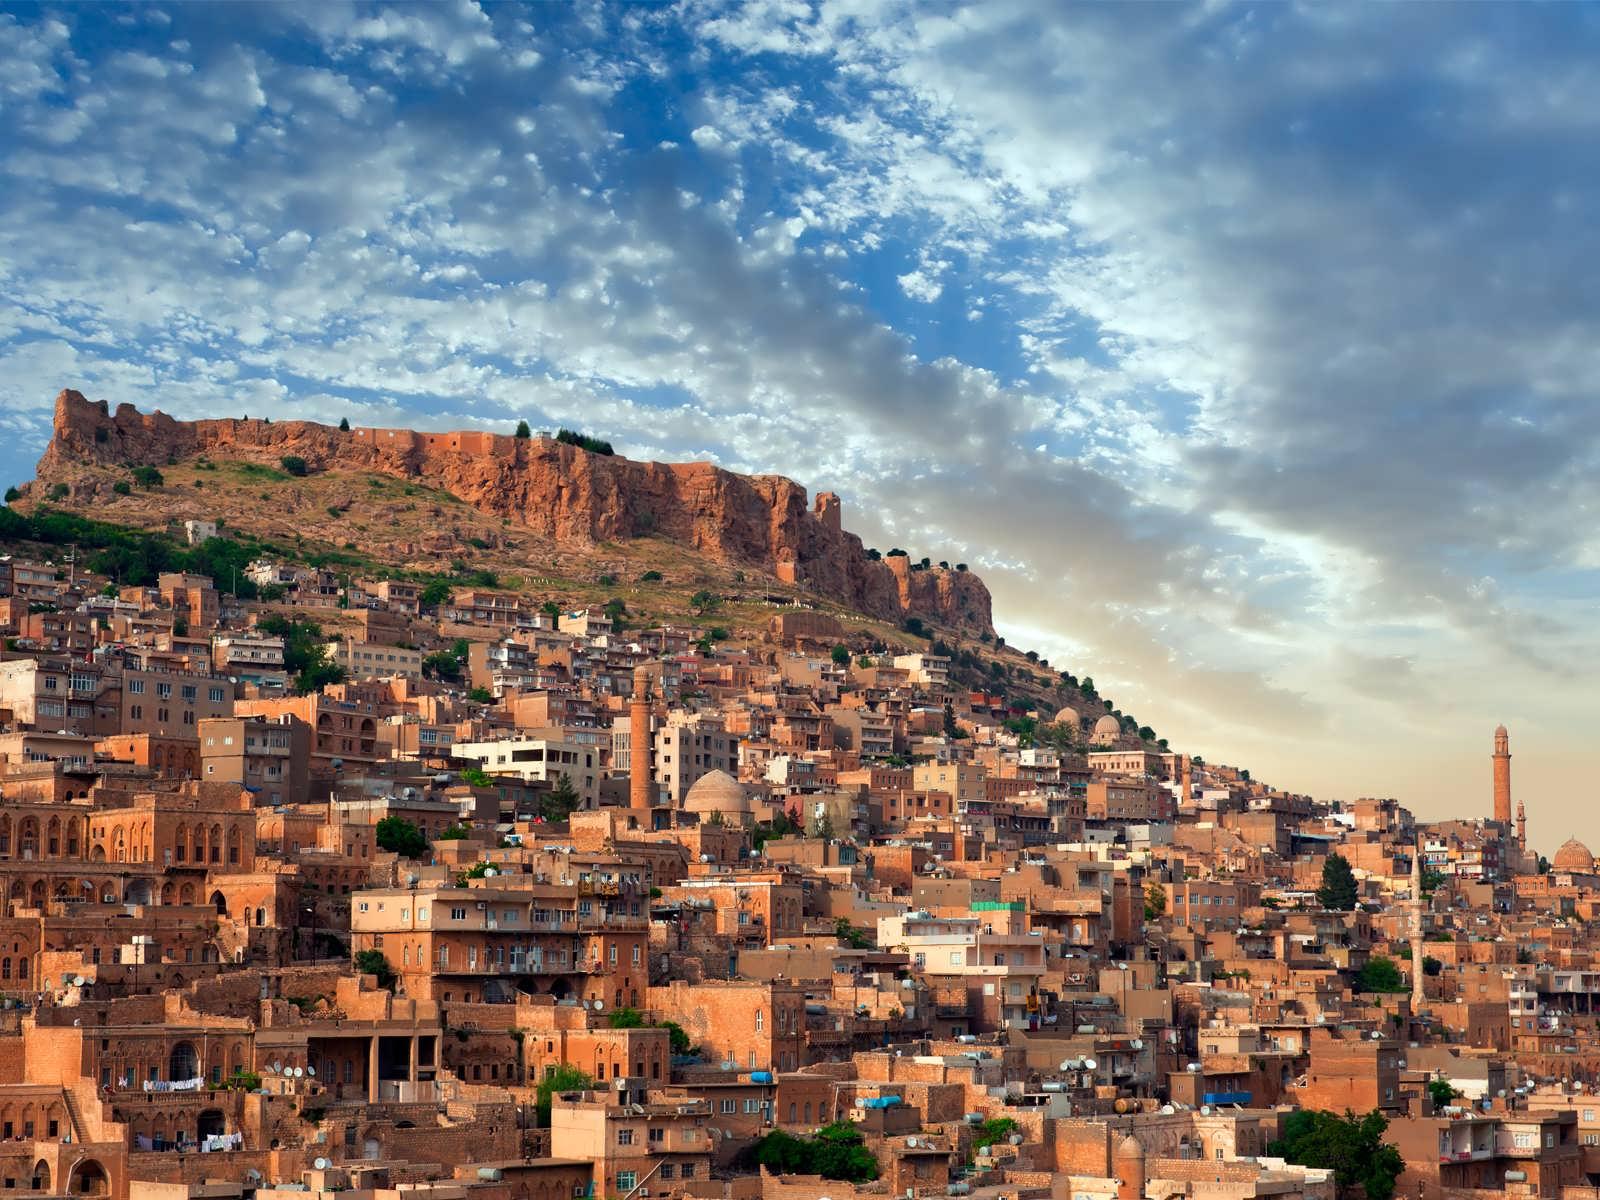 آشنایی با دیدنی های ماردین واقع در کشور آسیایی ترکیه